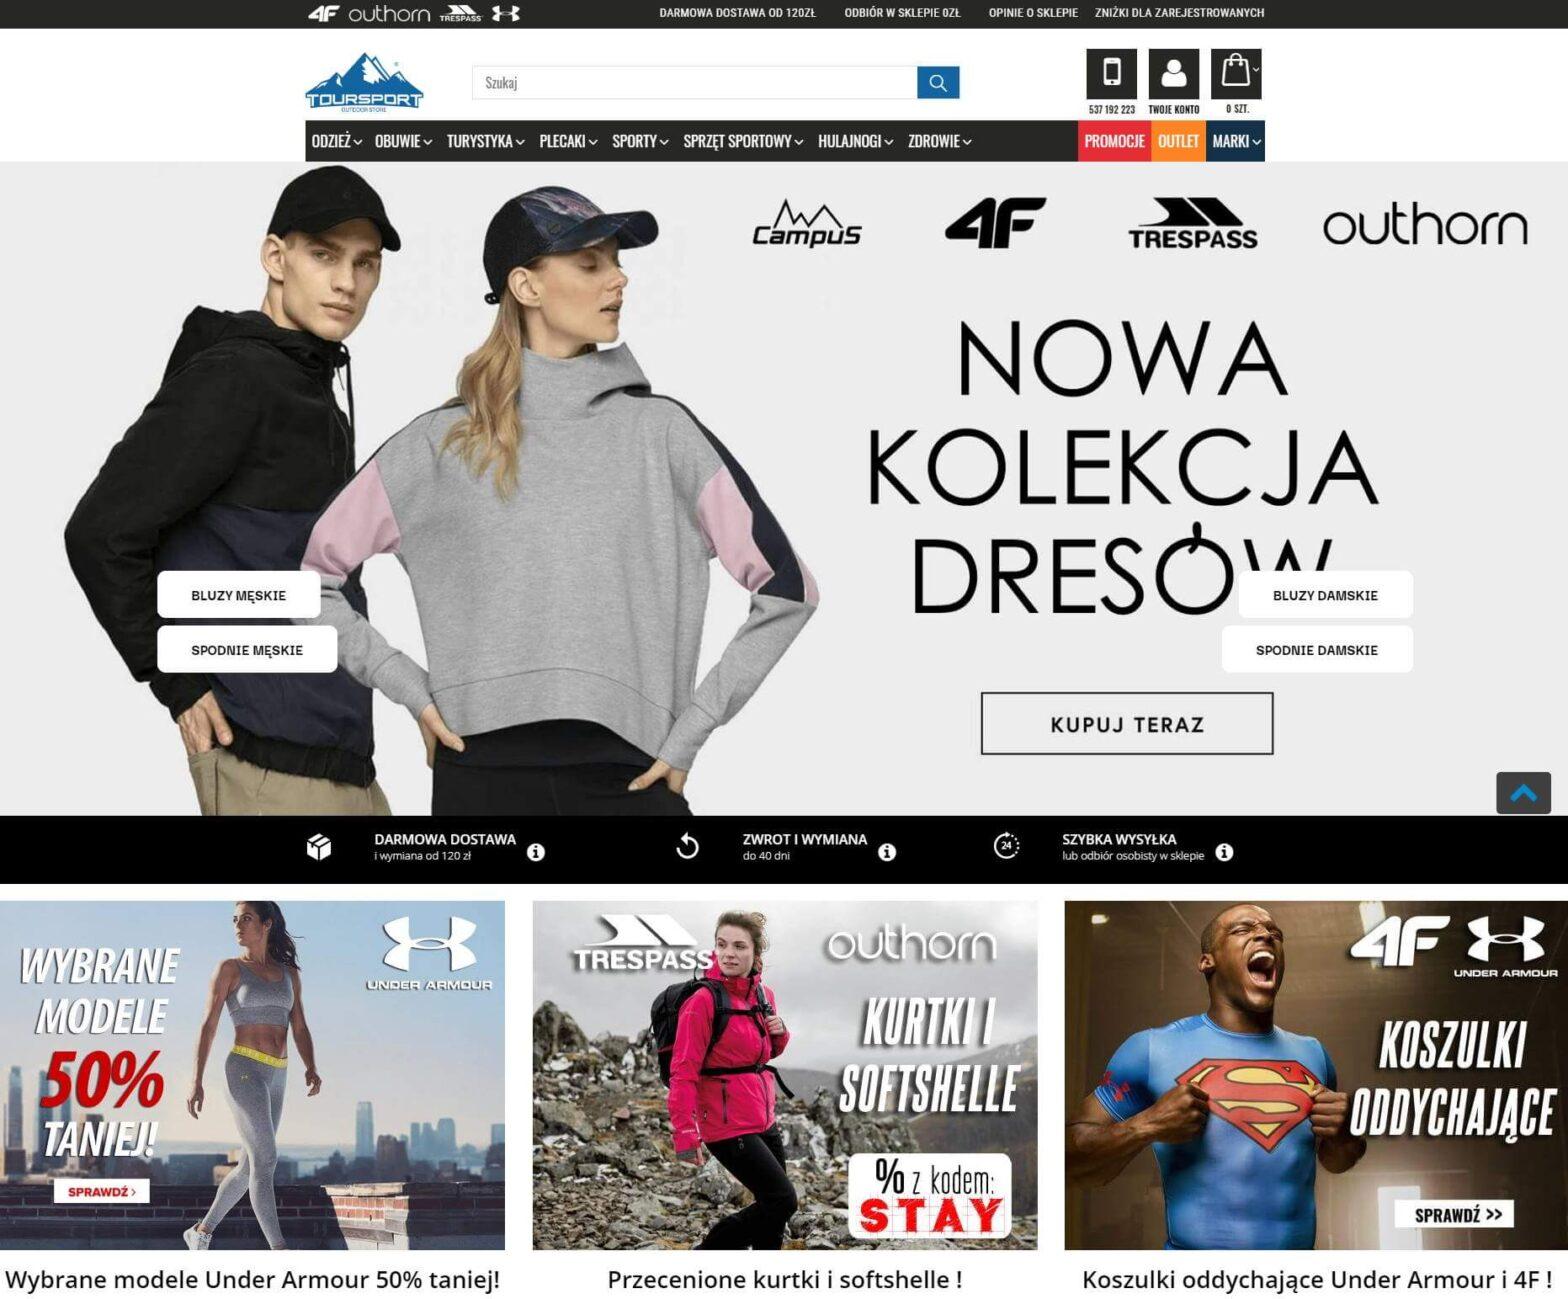 toursport.pl - Sprzęt sportowy, odzież sportowa, turystyka